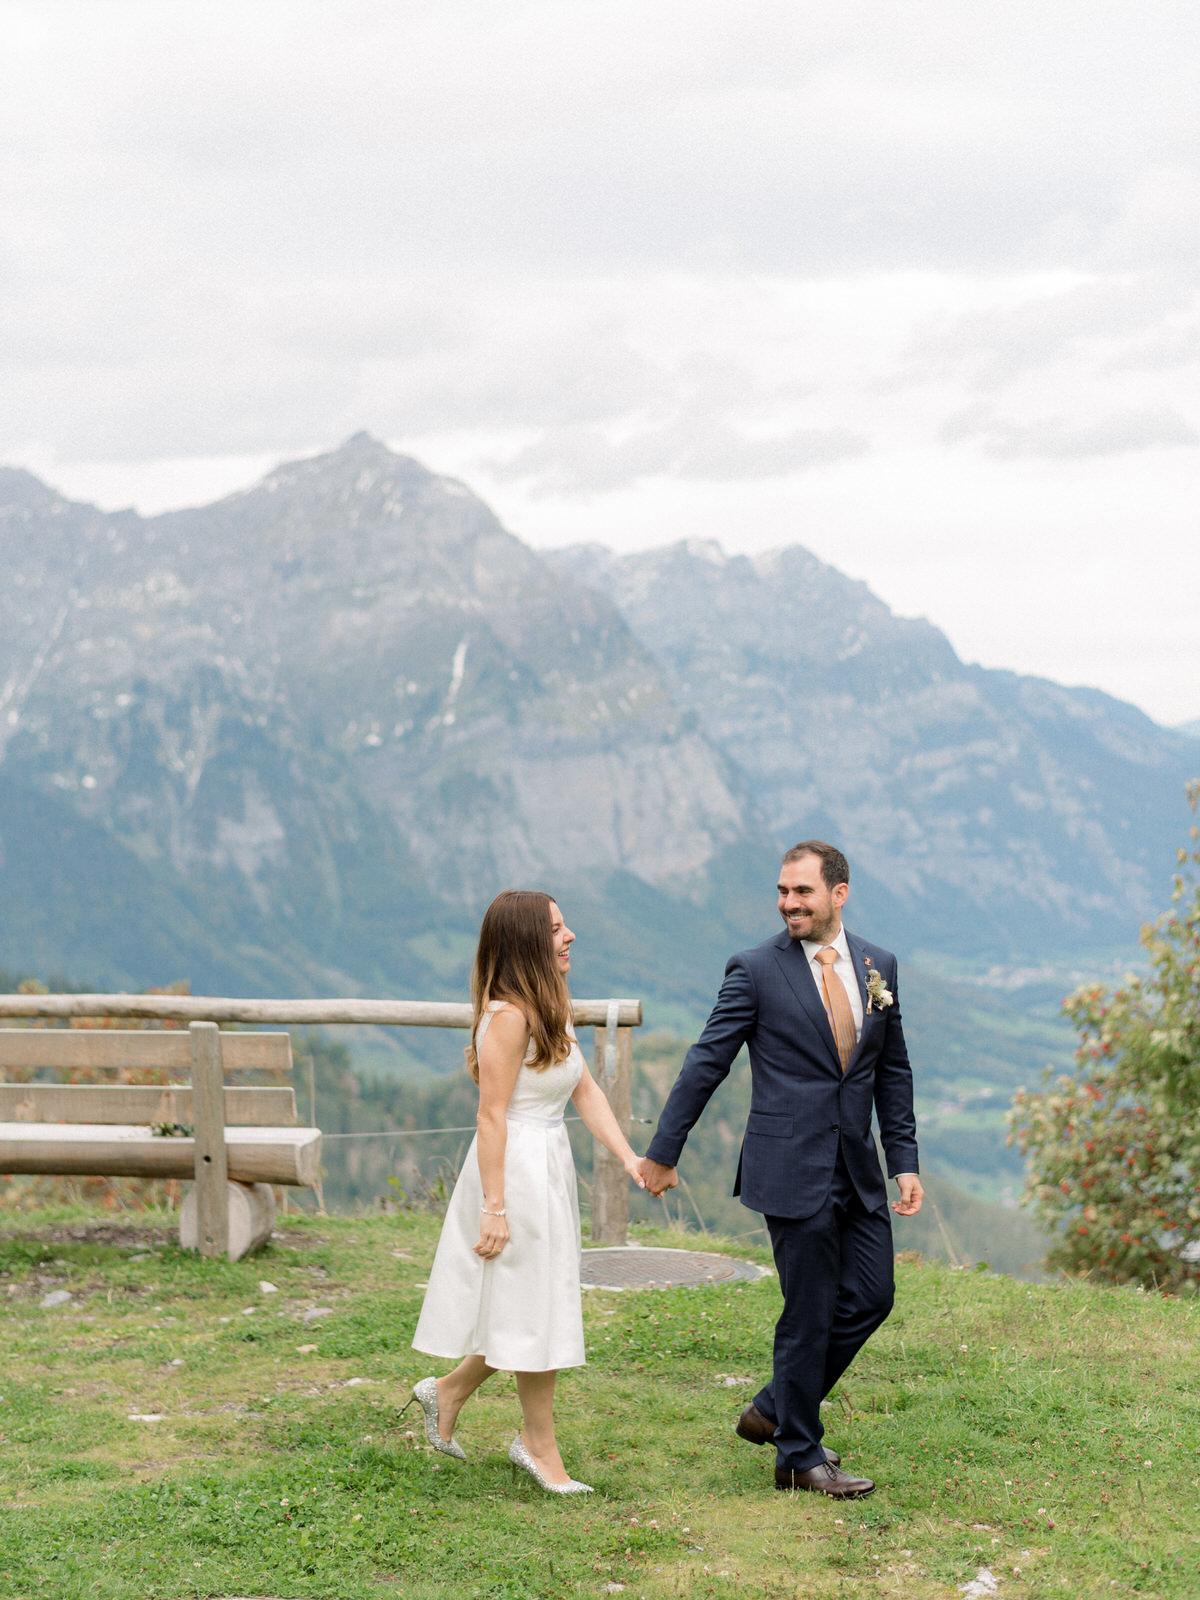 Wedding Photographer Switzerland - Civil Ceremony